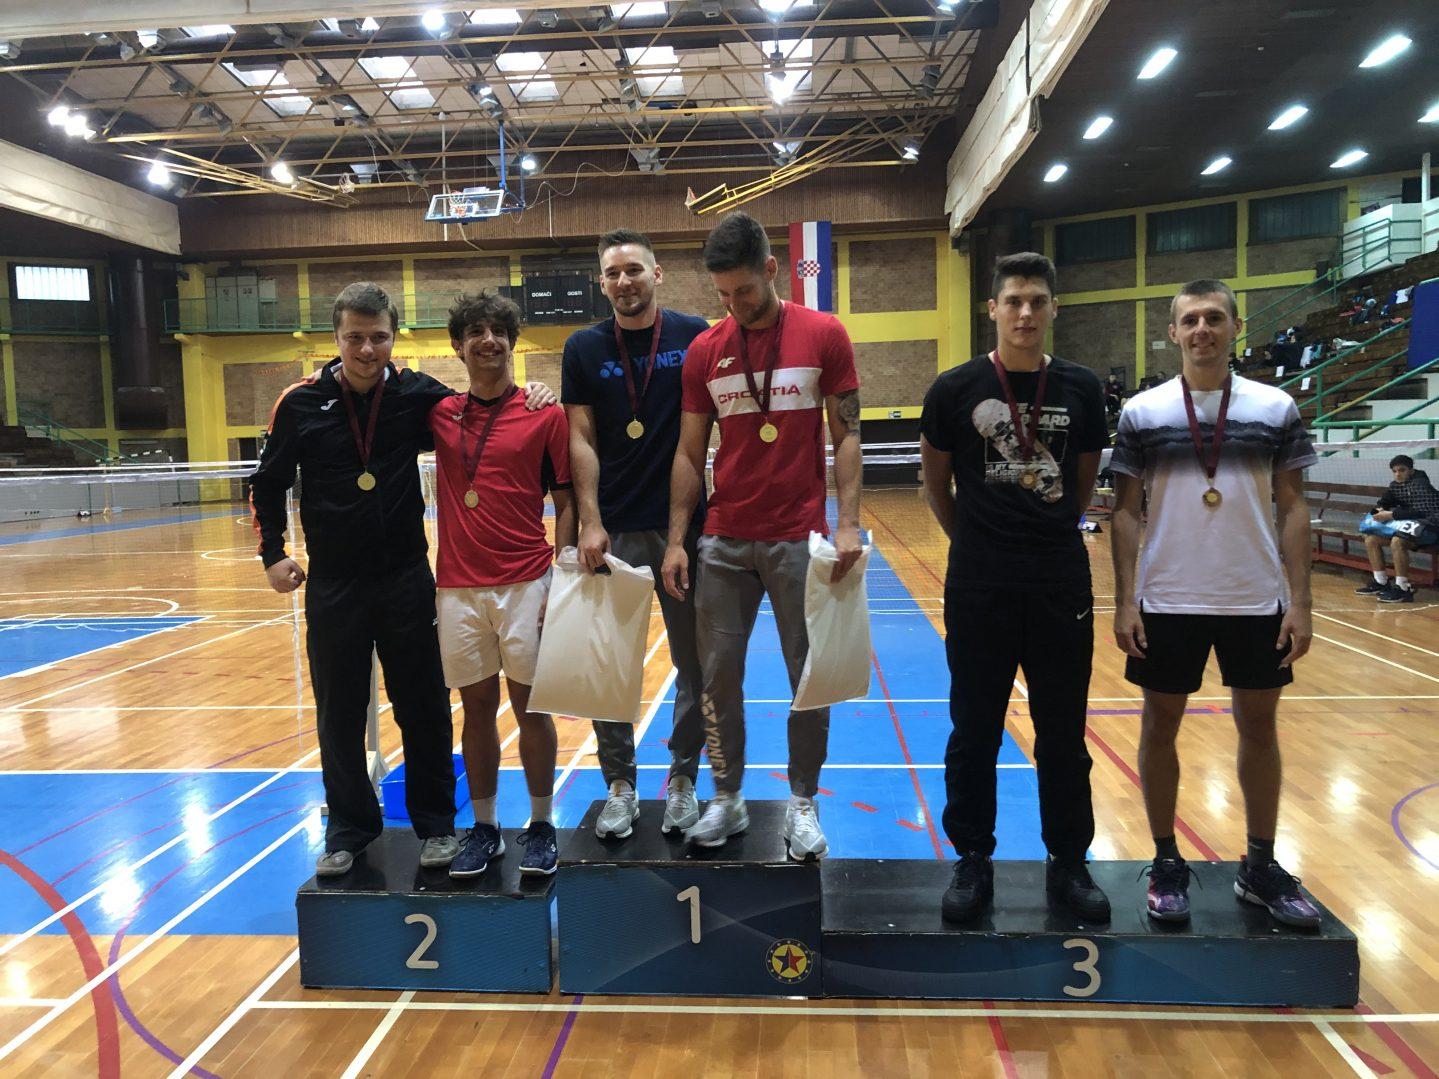 bkmč badminton Matija Hranilović Borna Vadlja